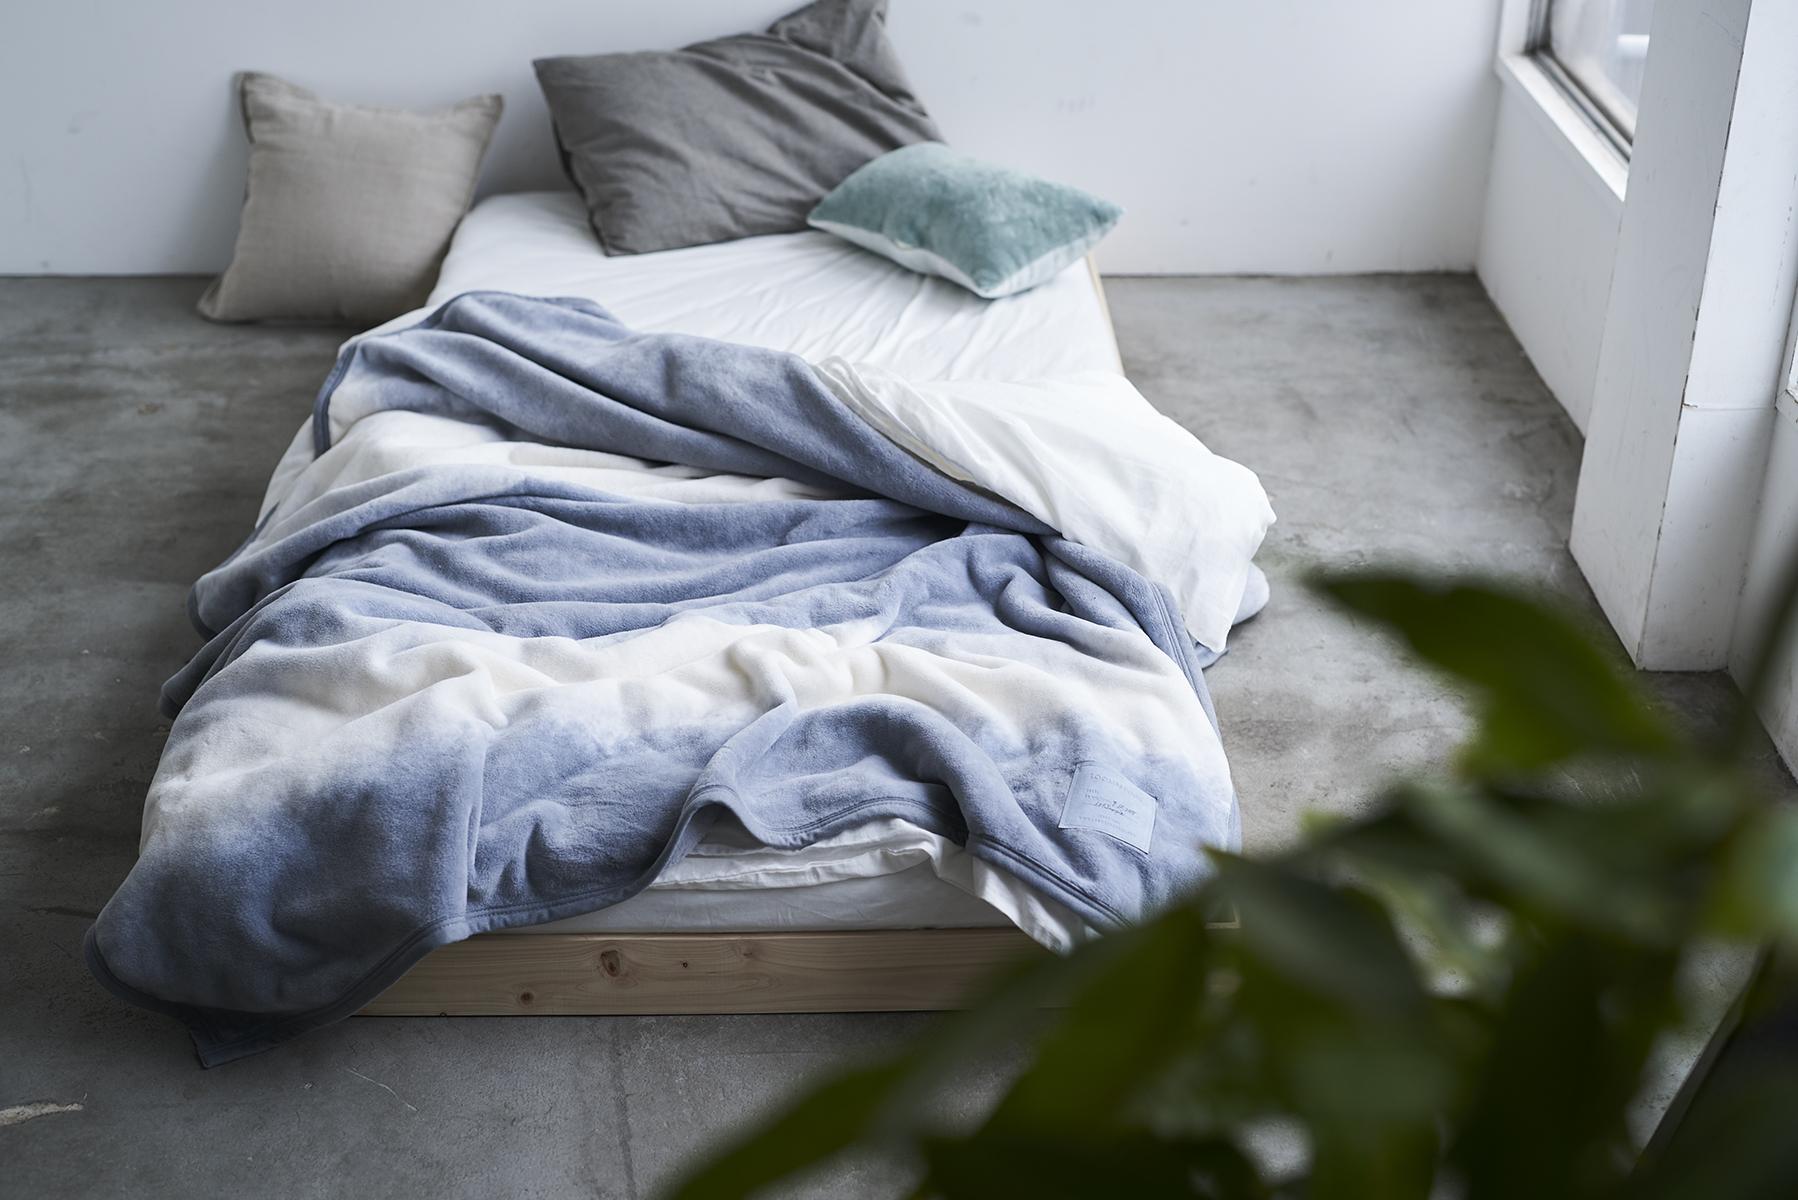 いつでも肌触りといい、軽さといい、自然のやさしさを感じる寝心地。寝室の空間をセンスよくお洒落でスタイリッシュにしてくれる。肌触りと寝心地の良さで夏も冬も気持ちいい!ニューマイヤー織の綿毛布|FLOOD OF LIGHT(フルード オブ ライト、光の洪水)|LOOM&SPOOL